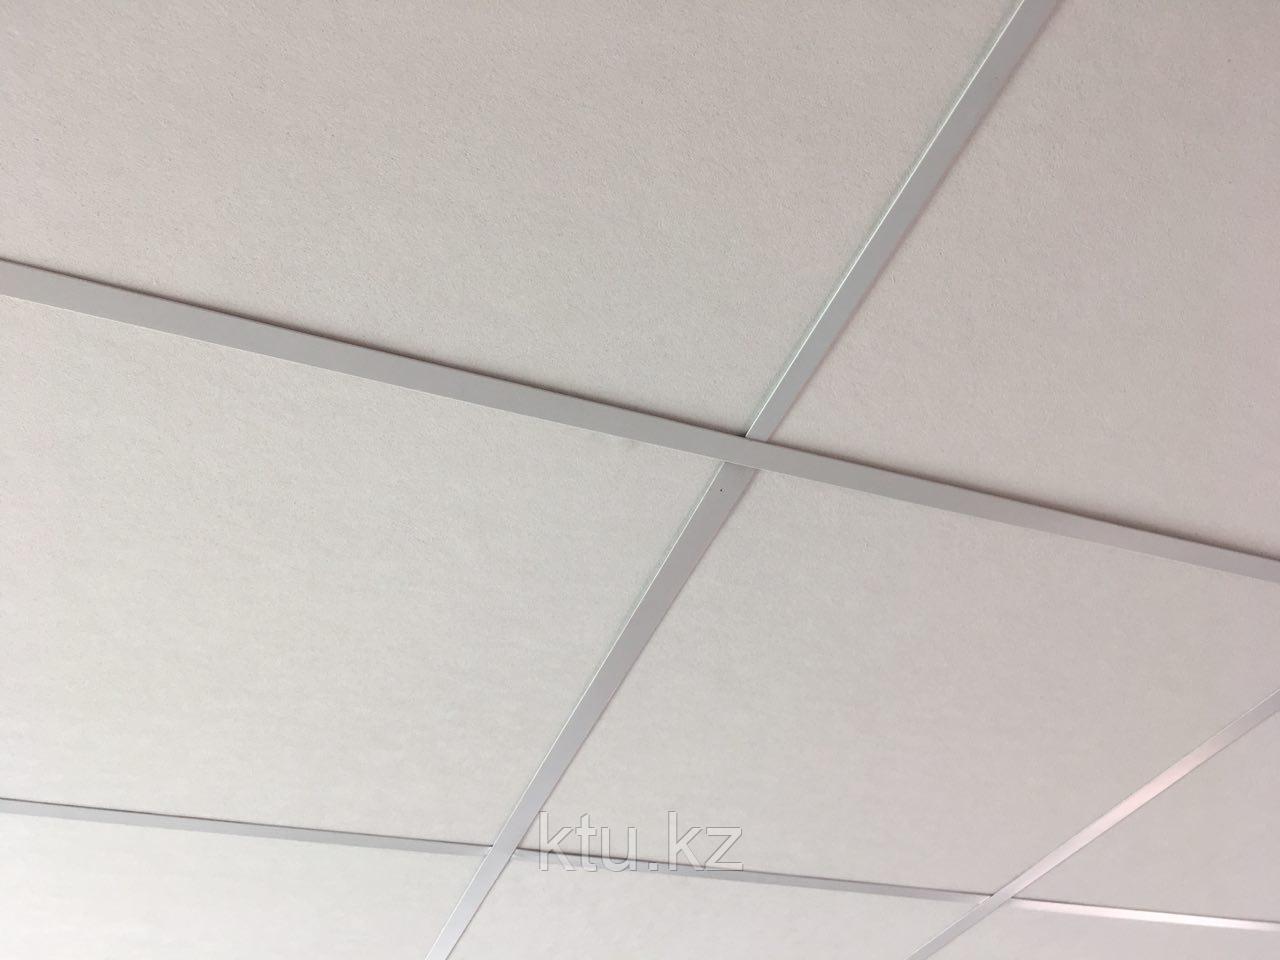 Подвесной потолок Rockfon ARCTIC 600*600 E15